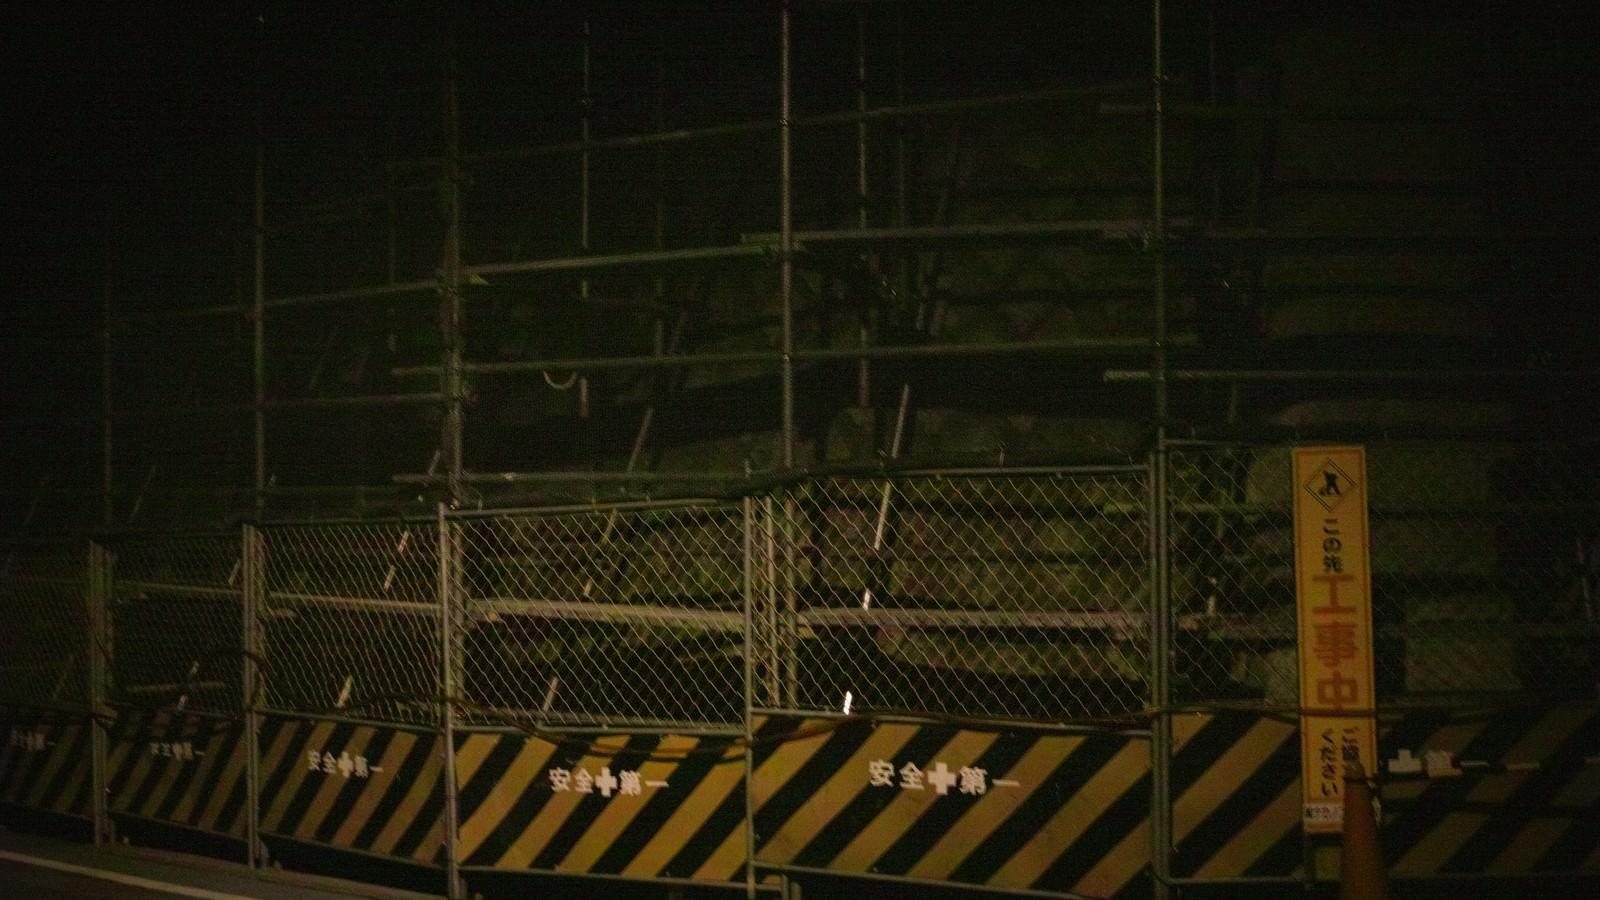 「安全第一!工事中の進入禁止安全第一!工事中の進入禁止」のフリー写真素材を拡大